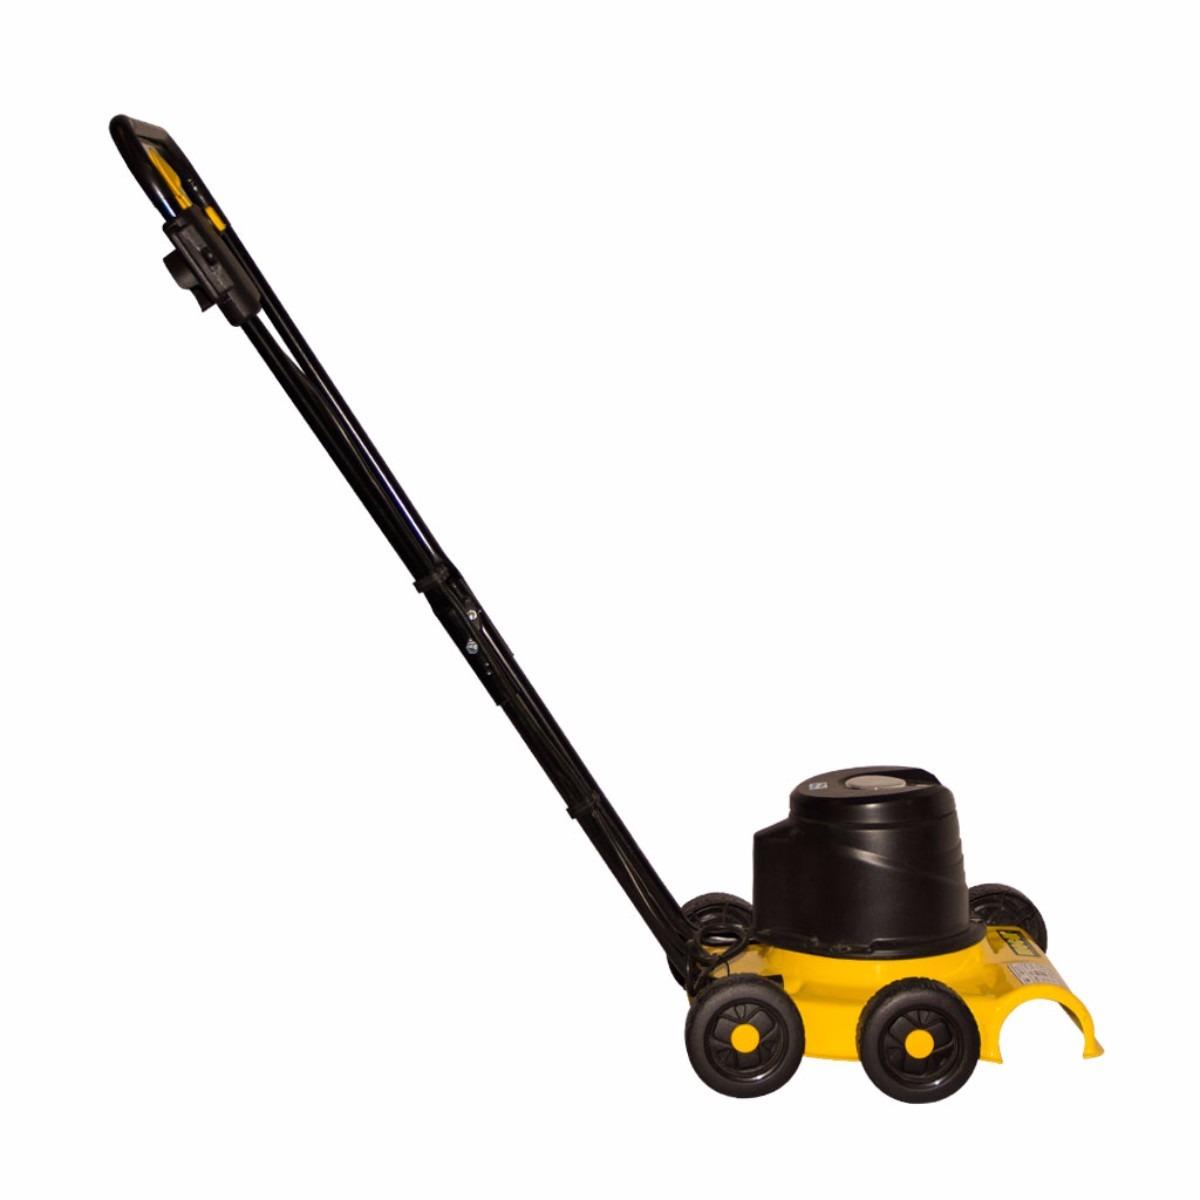 Cortadora eléctrica Mocar 300 1/2hp